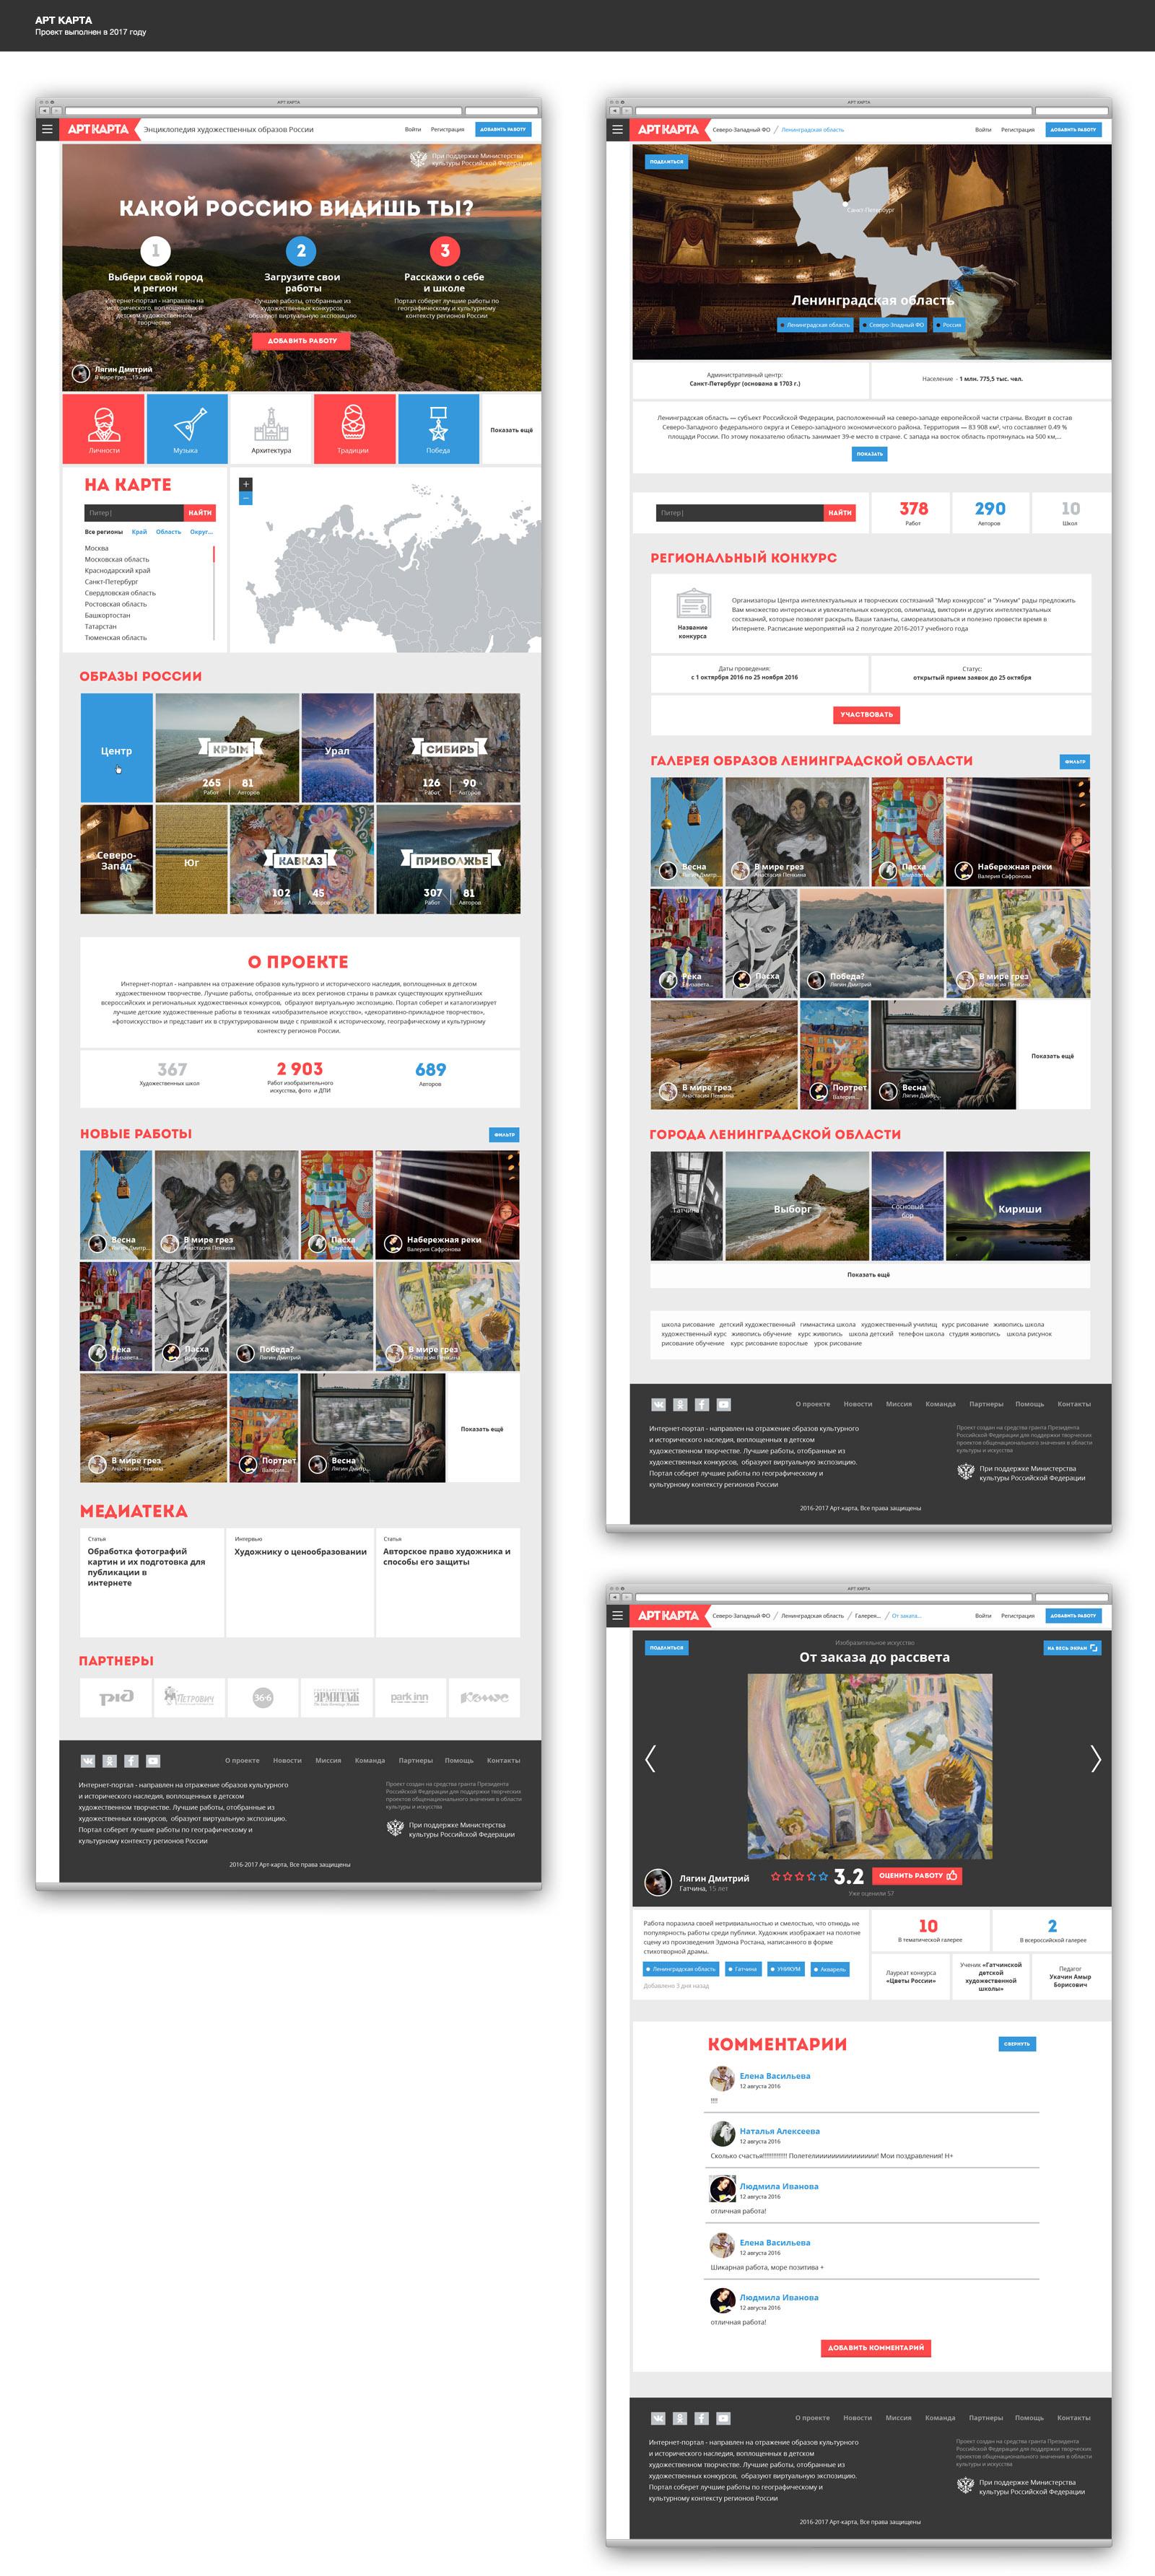 АРТ-КАРТА, фотосеть, социальная сеть, галерея